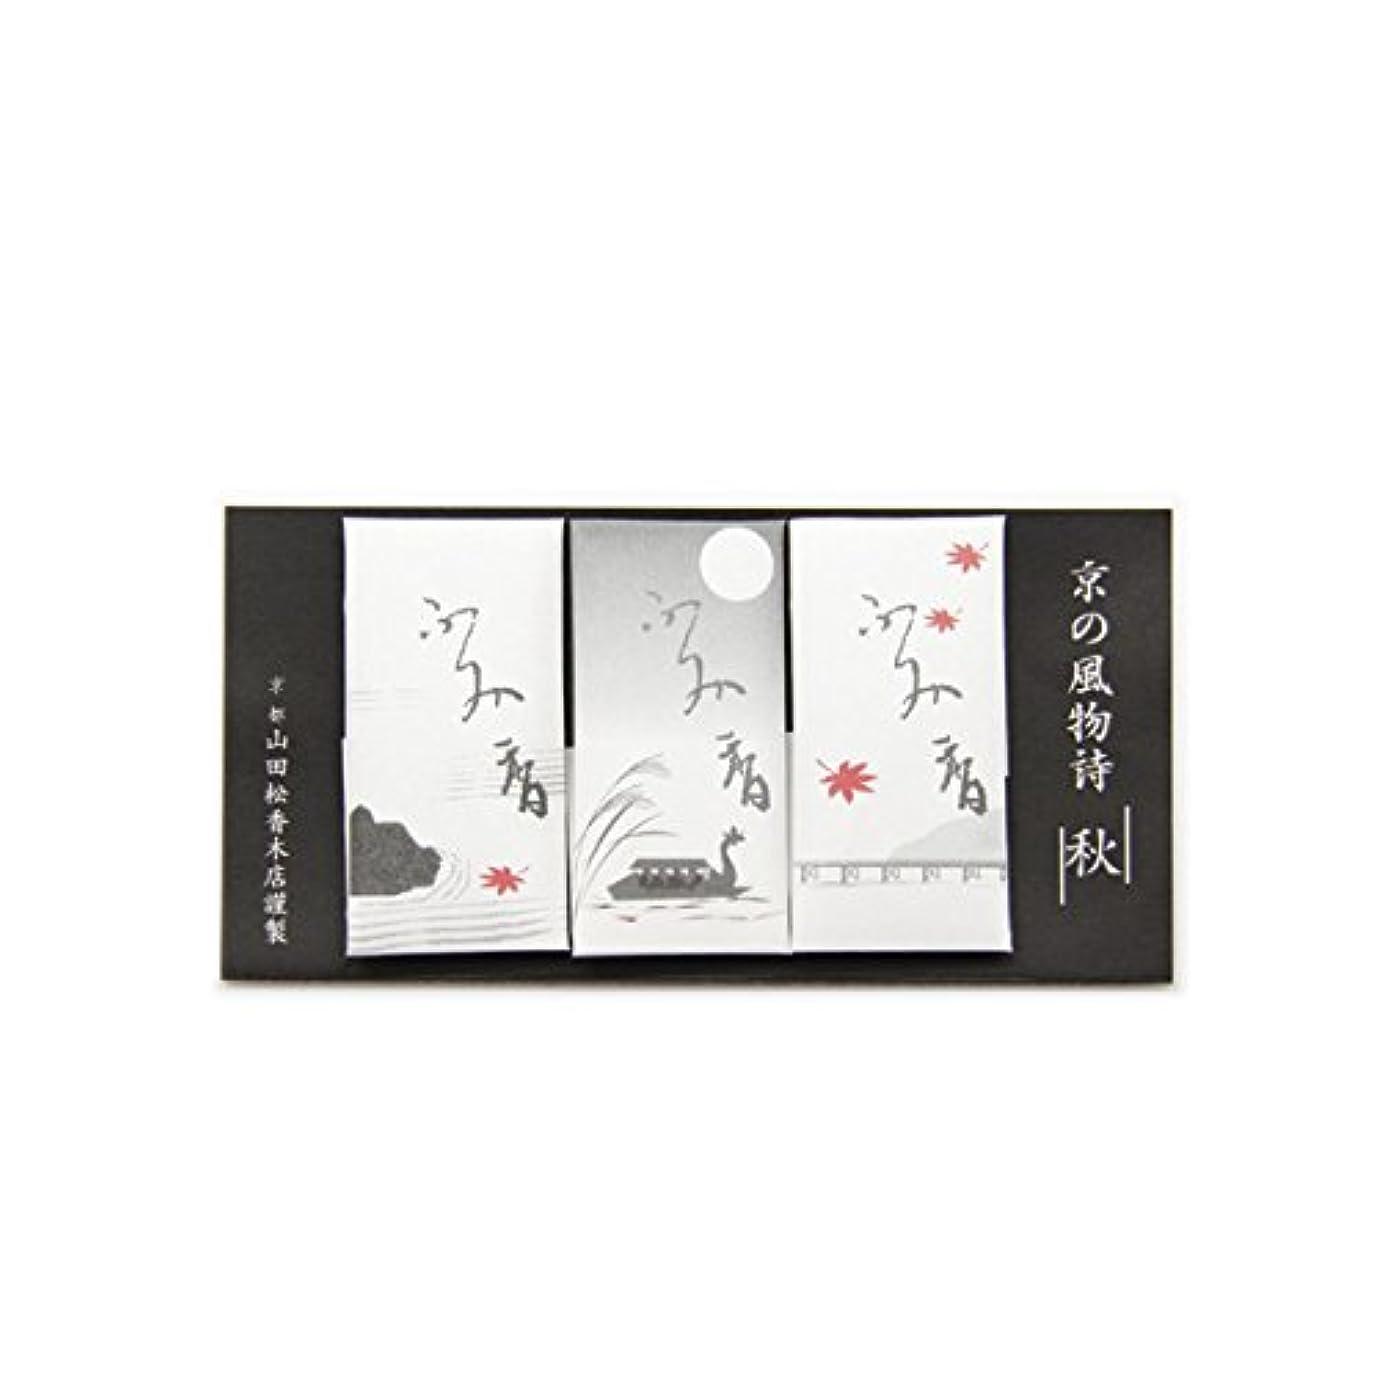 追い付く近所の蜜文香 京の風物詩 秋